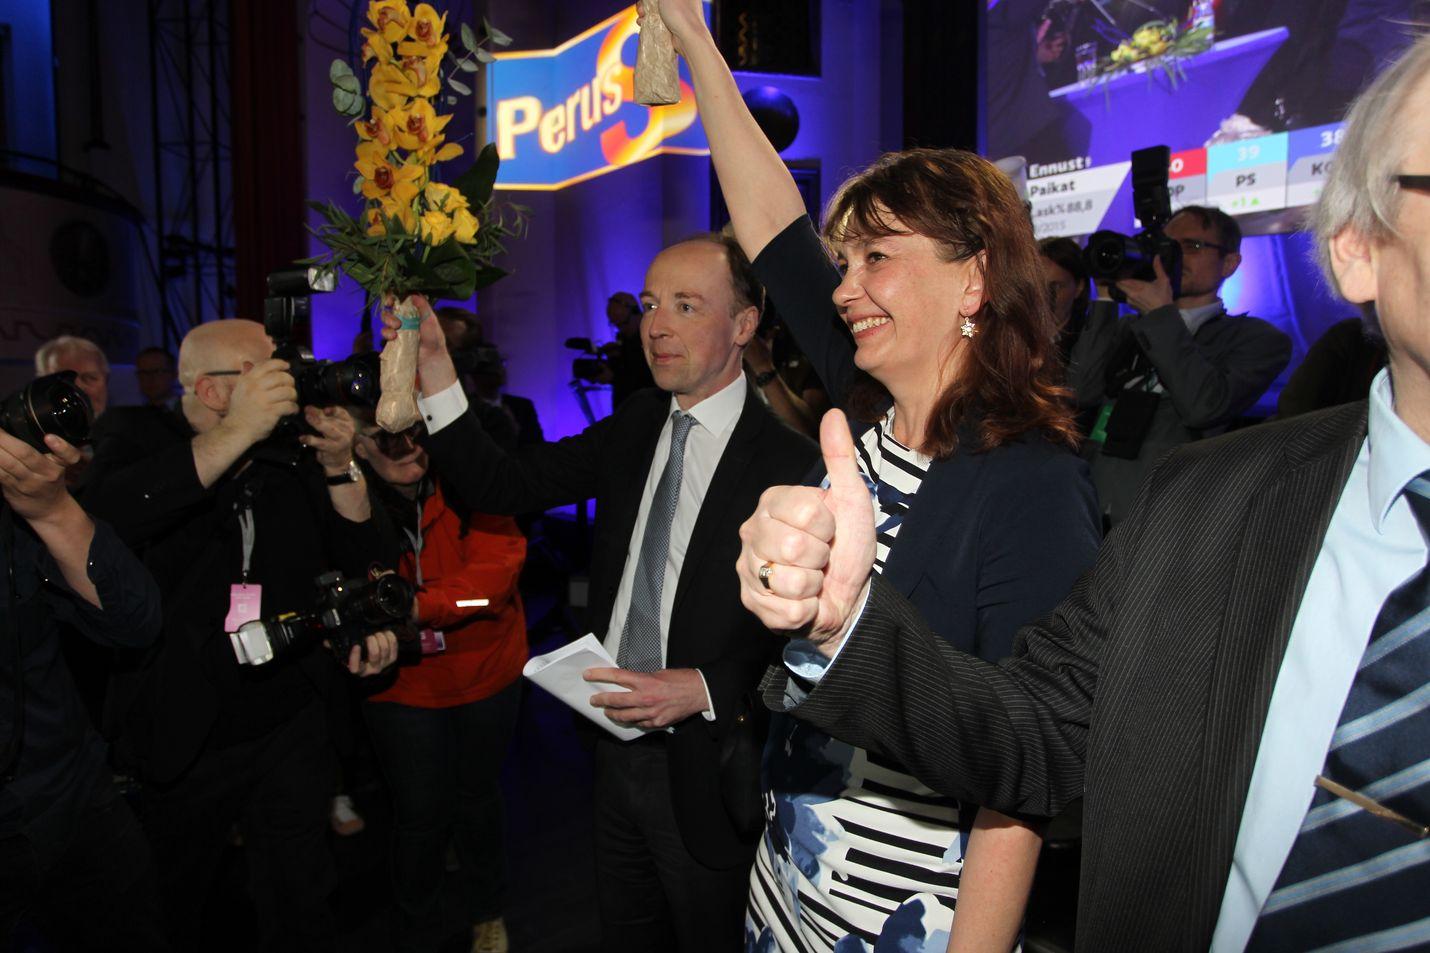 Perussuomalaisten vaalivalvojaisissa riemuittiin sunnuntai-iltana puolueen noususta toiseksi suurimmaksi puolueeksi. Asiantuntijan mukaan perussuomalaiset osaavat kuunnella herkällä korvalla potentiaalista äänestäjäkuntaansa.